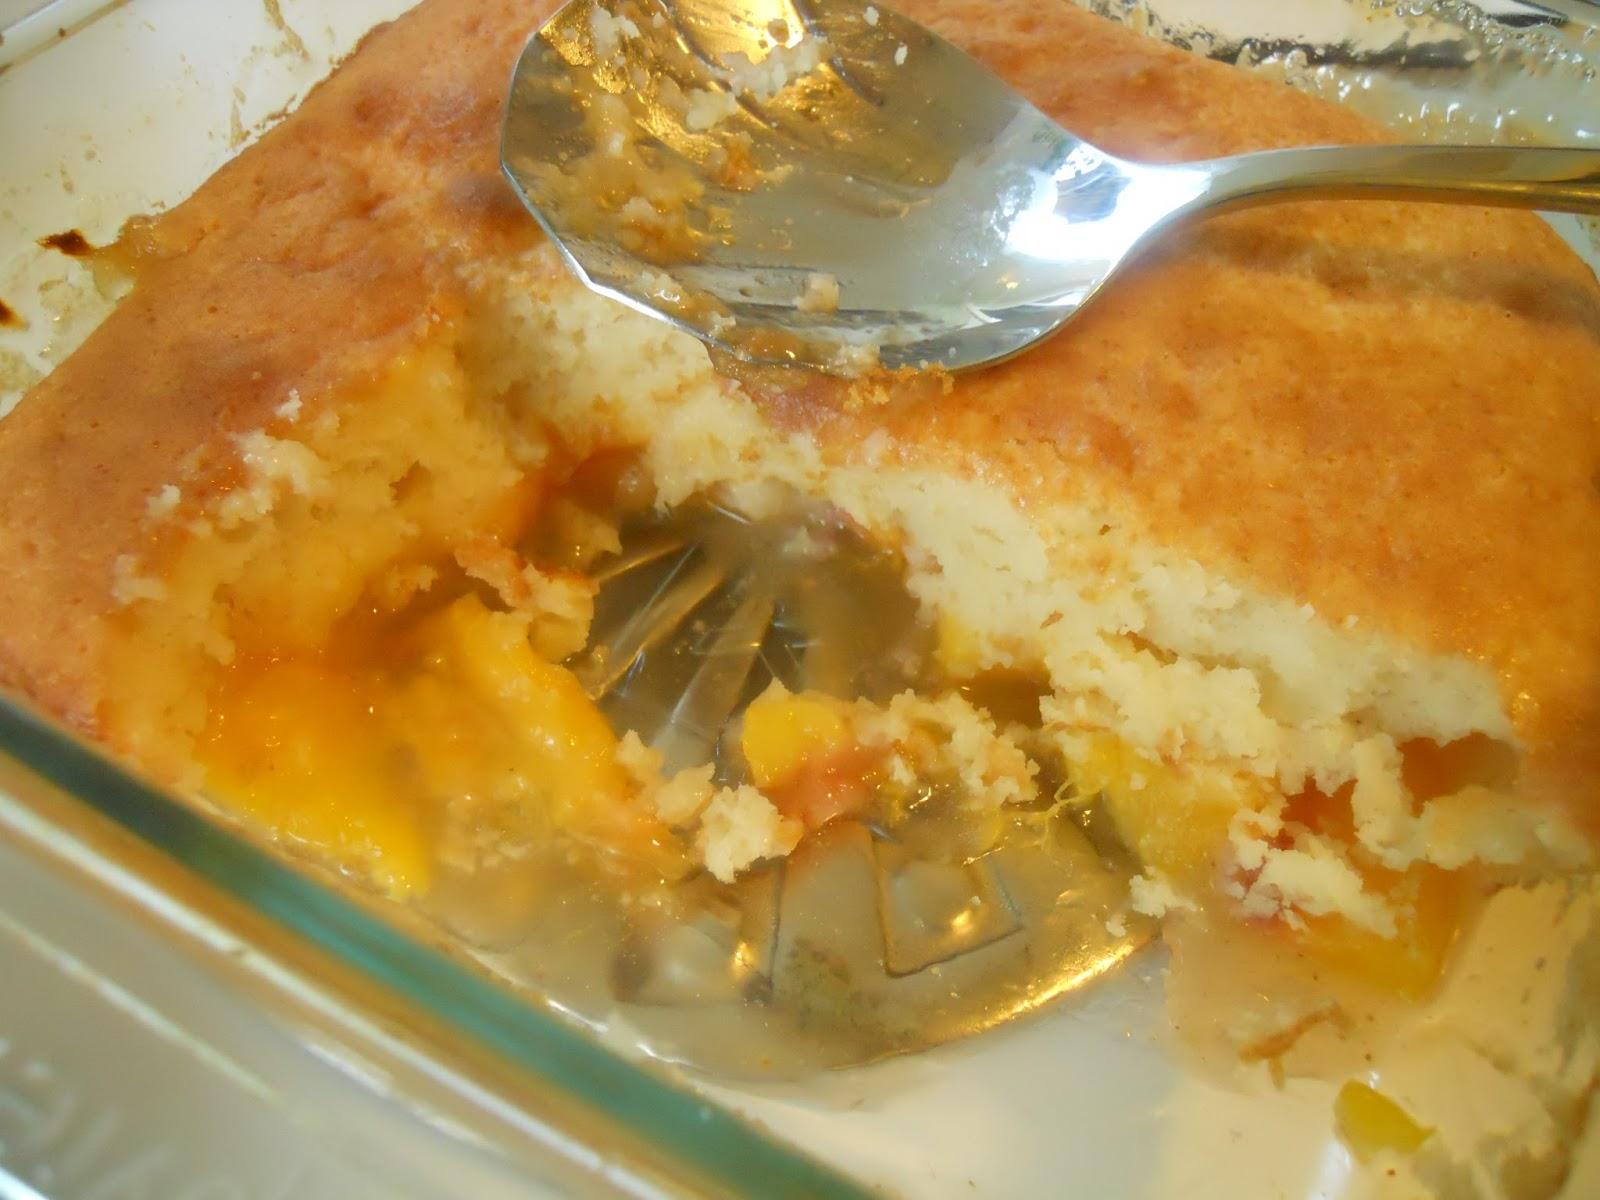 America S Test Kitchen Peach Cobbler